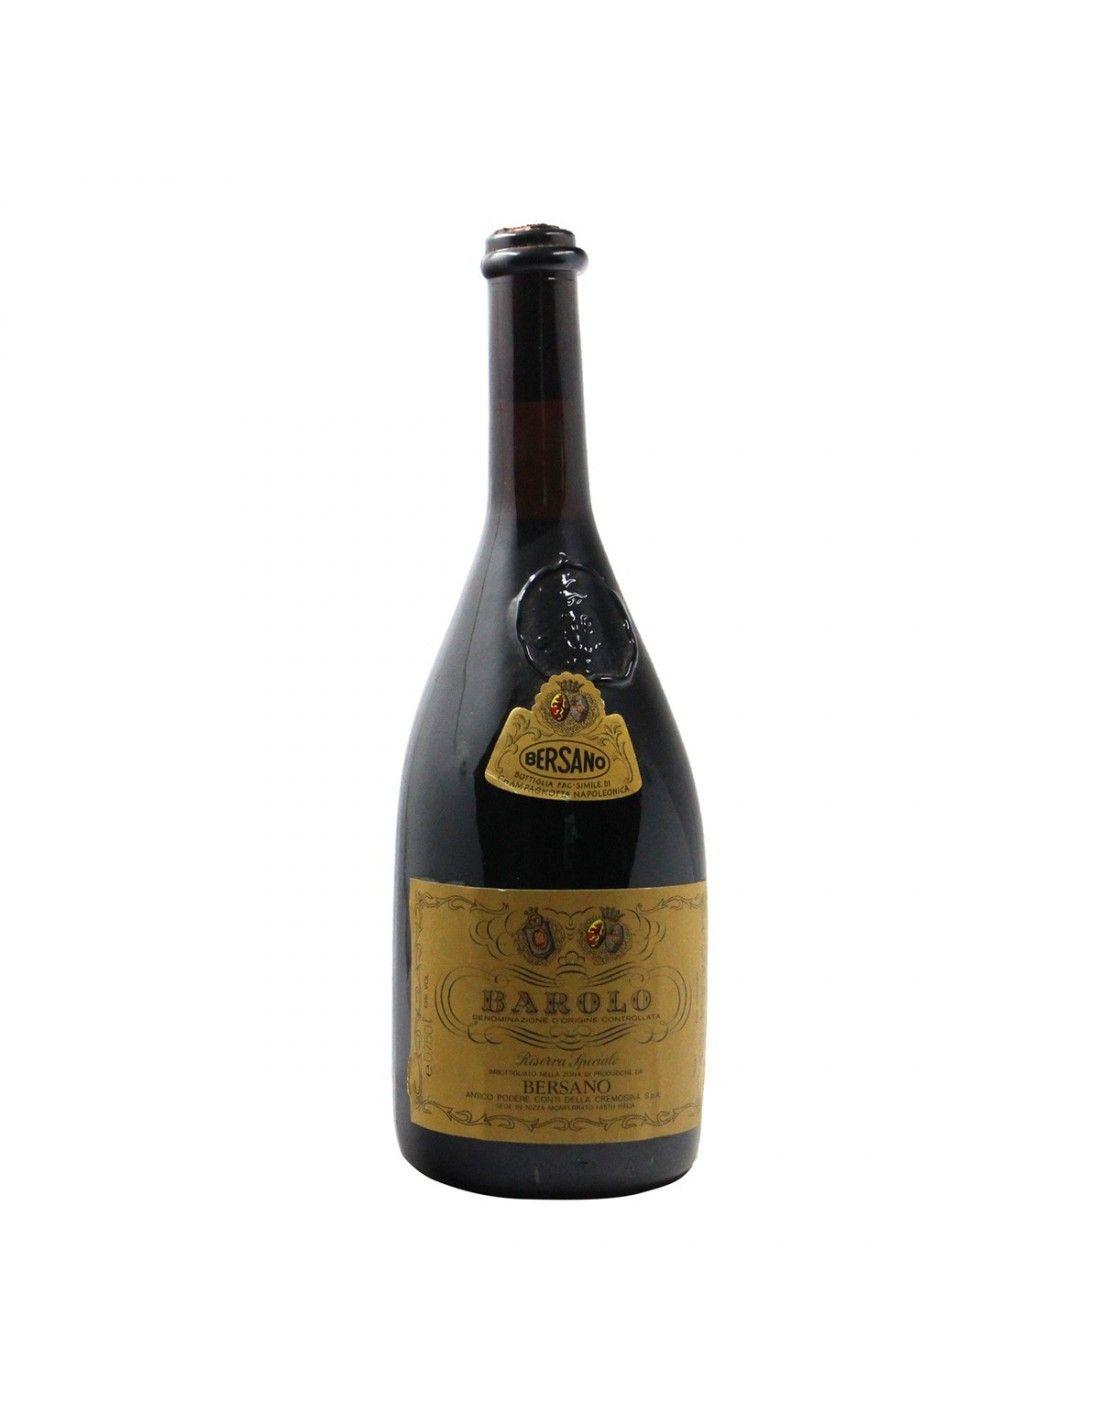 BAROLO RISERVA SPECIALE 1974 BERSANO Grandi Bottiglie